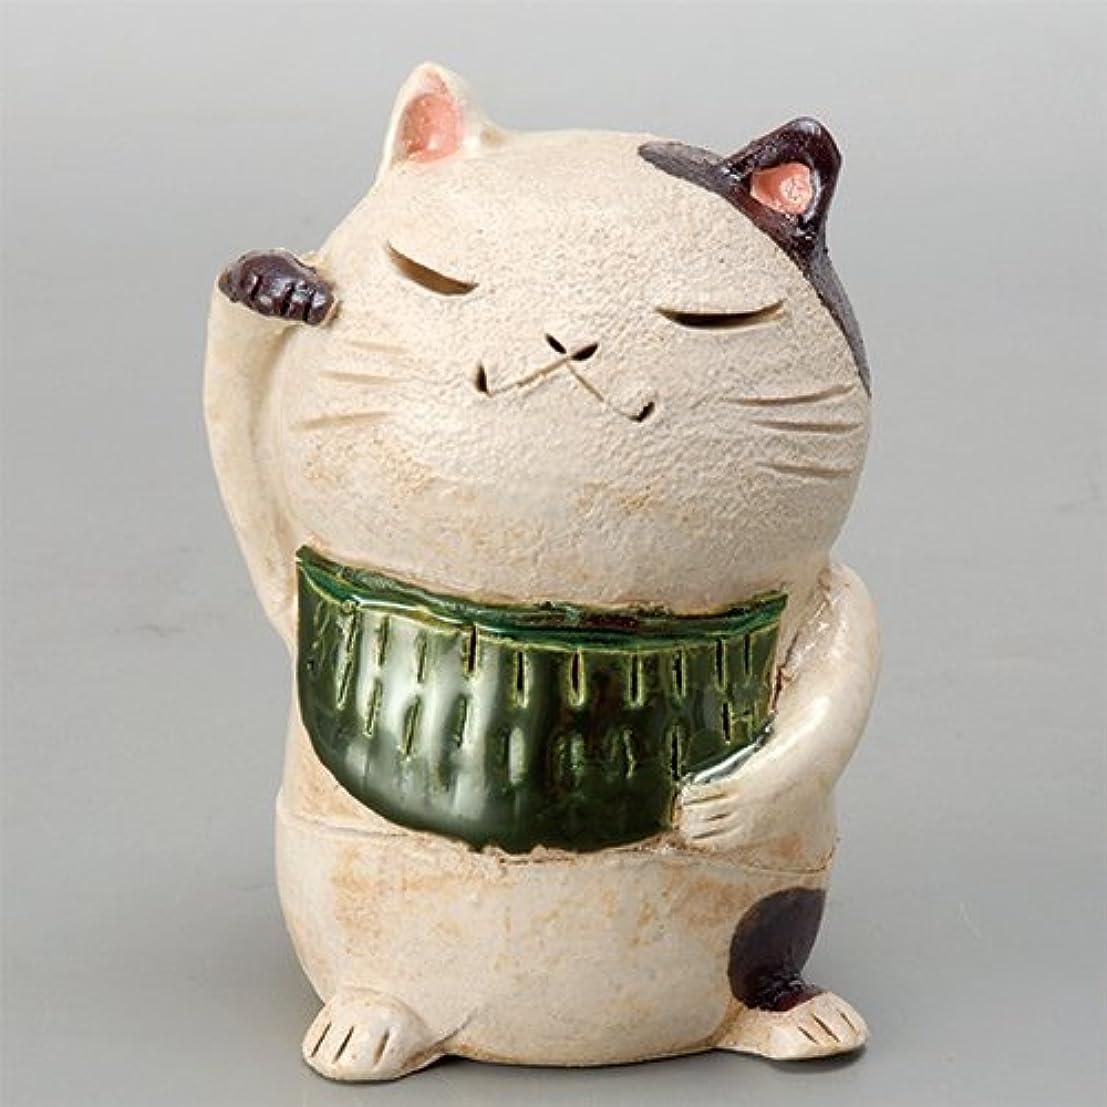 フォージ挽く経験者香炉 白萩 招き猫(お金)香炉(大) [H11cm] HANDMADE プレゼント ギフト 和食器 かわいい インテリア